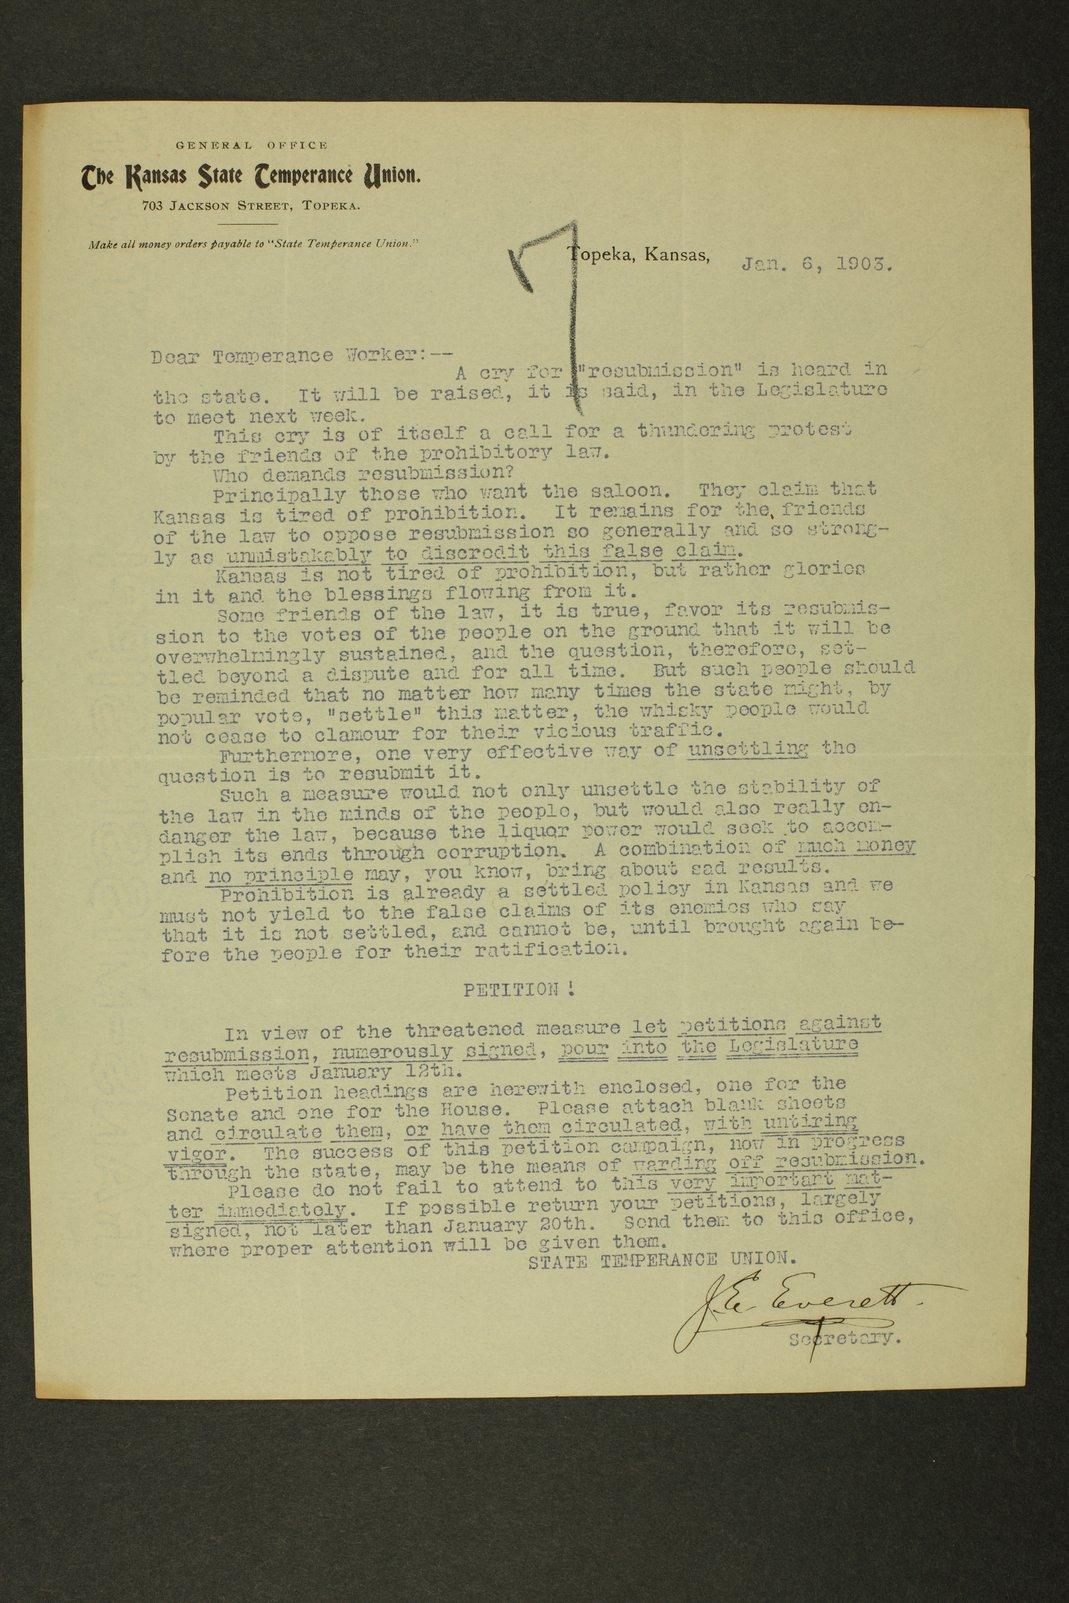 Temperance history correspondence - 1 [January 1903]